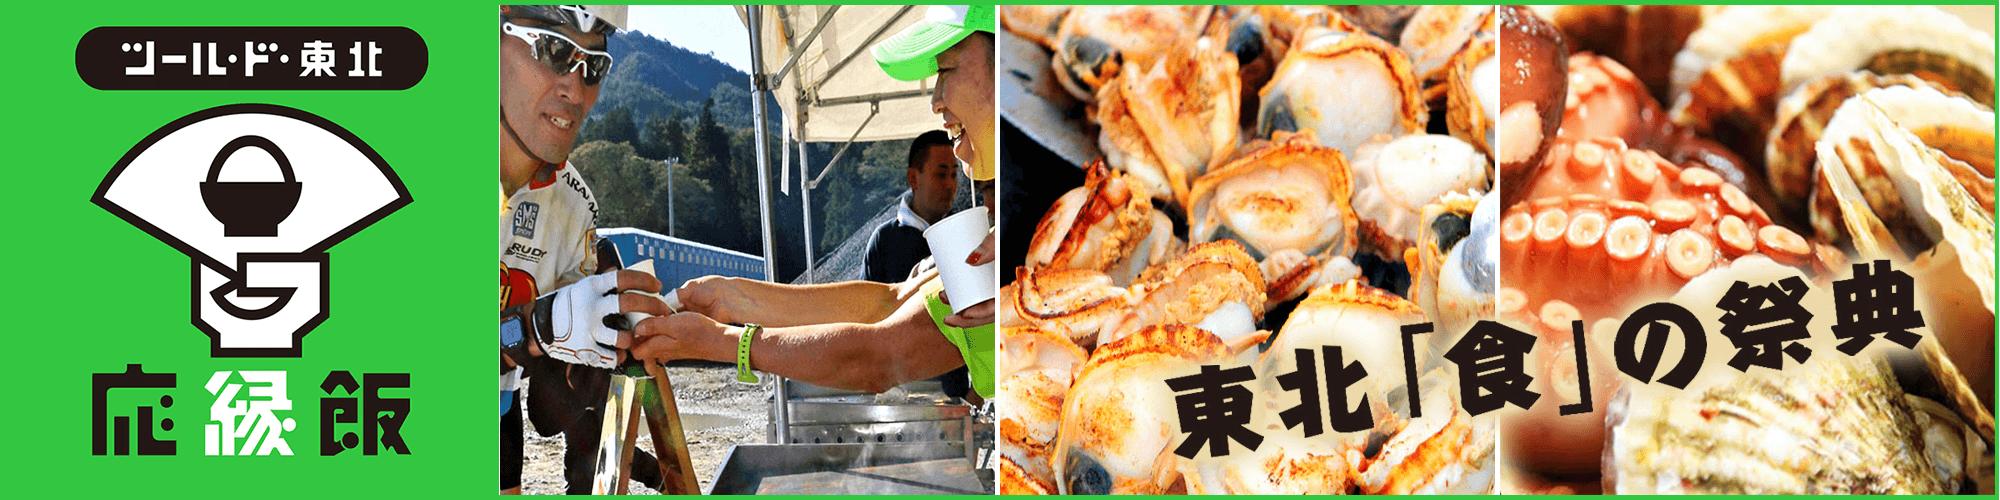 ツール・ド・東北 応えん飯、東北「食」の祭典